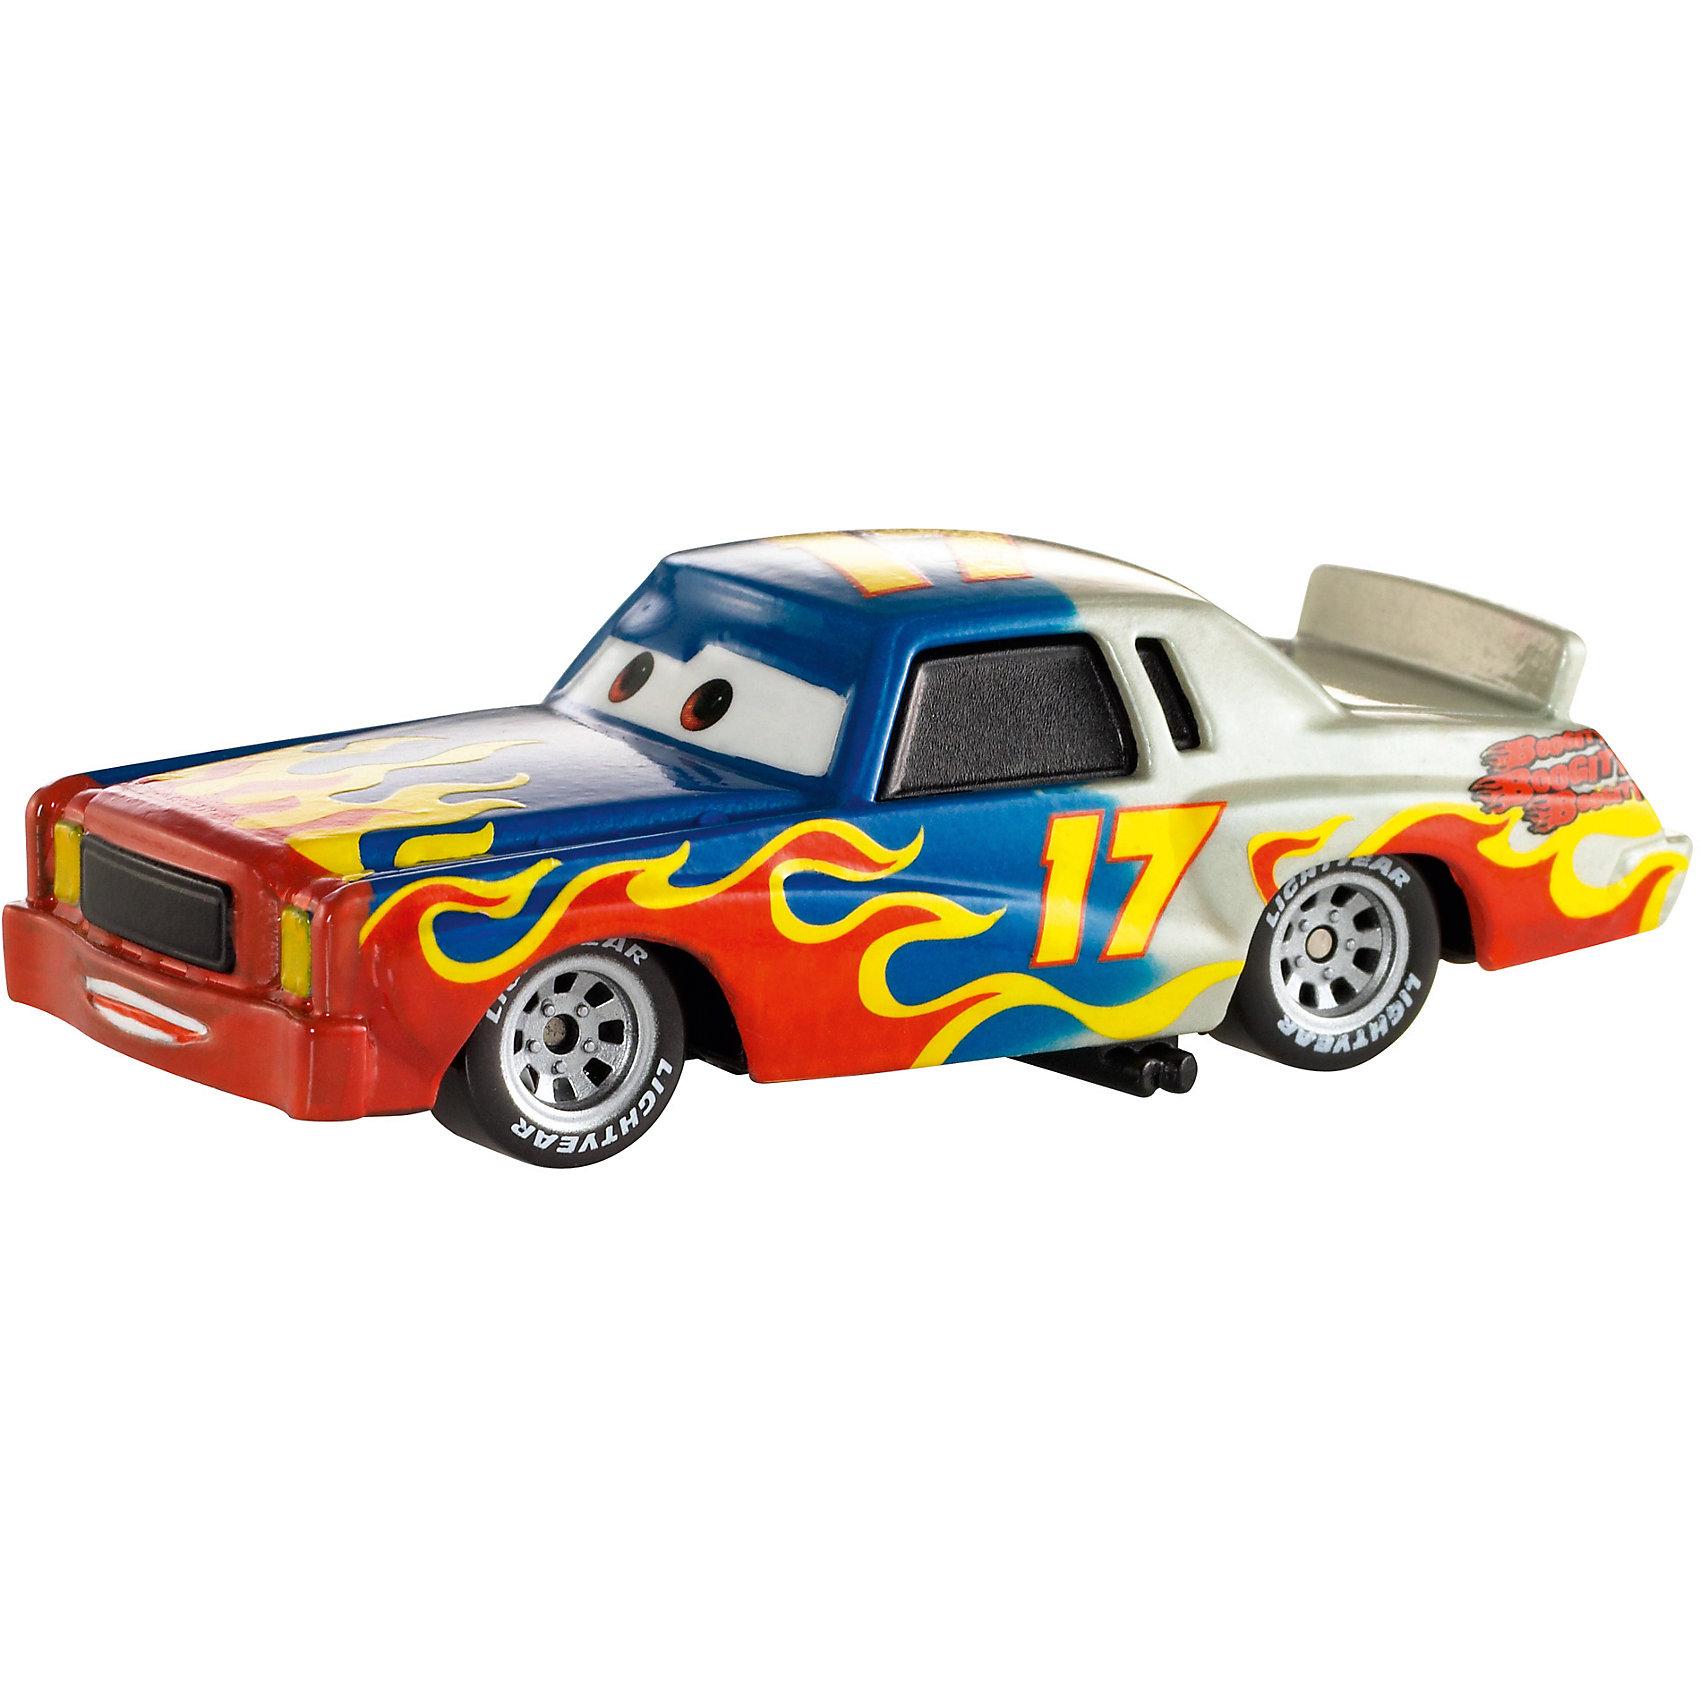 Машинка, меняющая цвет, ТачкиМашинка, меняющая цвет, Тачки от Mattel (Маттел) ? герои любимого мультфильма Тачки представлены в новой уникальной серии Color Changers от Mattel. Машинка выполнена из высококачественного пластика, устойчивого к механическим повреждениям. У машины вращающиеся колеса и инерционный механизм. <br>Машинка Даррел выполнена в сочетании синего и белого цветов с нарисованными яркими языками пламени. При погружении в воду, корпус машинки меняет цвет, насыщенность цвета зависит от температуры воды.<br>Машинка, меняющая цвет, Тачки от Mattel (Маттел) позволит не только создать уникальный дизайн машинки, но и воспроизвести полюбившиеся сцены из мультфильма или придумать свою историю с главными героями.<br><br>Дополнительная информация:<br><br>- Вид игр: сюжетно-ролевые <br>- Предназначение: для дома<br>- Серия: Color Changers<br>- Материал: пластик<br>- Размер: 4,5*14*21,5 см<br>- Вес: 84 г <br>- Особенности ухода: разрешается мыть<br><br>Подробнее:<br><br>• Для детей в возрасте: от 3 лет и до 10 лет<br>• Страна производитель: Китай<br>• Торговый бренд: Mattel<br><br>Машинку, меняющую цвет, Тачки от Mattel (Маттел) можно купить в нашем интернет-магазине.<br><br>Ширина мм: 45<br>Глубина мм: 140<br>Высота мм: 215<br>Вес г: 84<br>Возраст от месяцев: 36<br>Возраст до месяцев: 120<br>Пол: Мужской<br>Возраст: Детский<br>SKU: 4918472